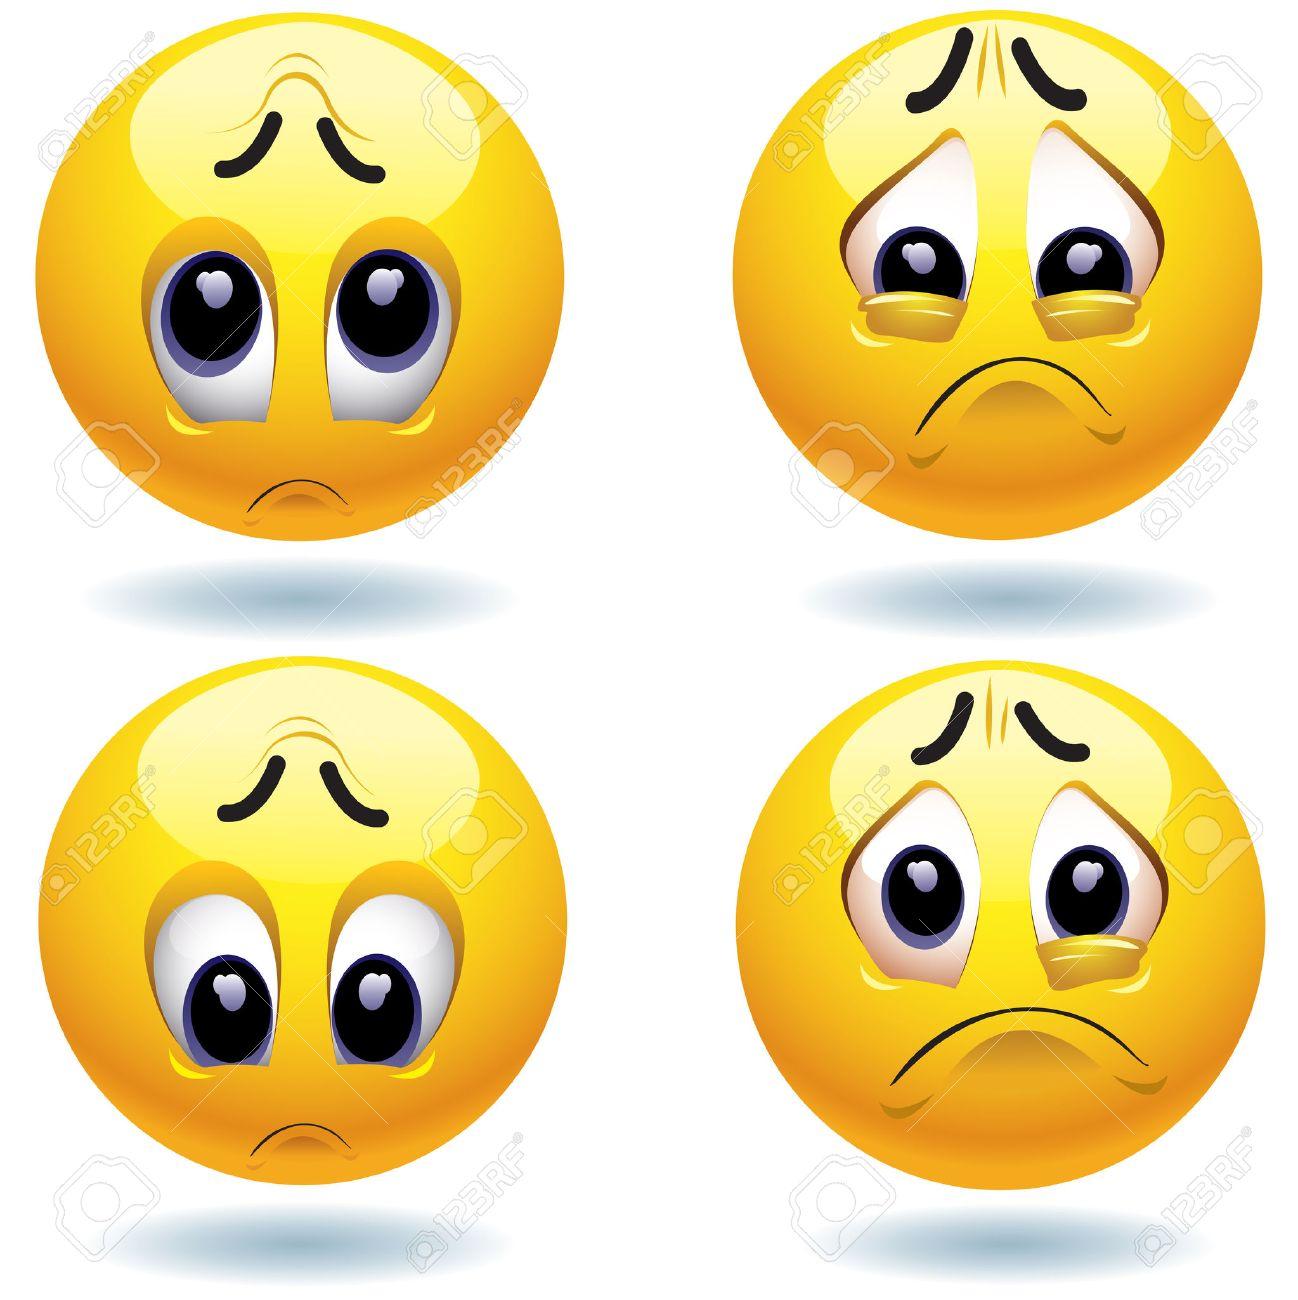 1298x1300 Balls Sad Smiley Face